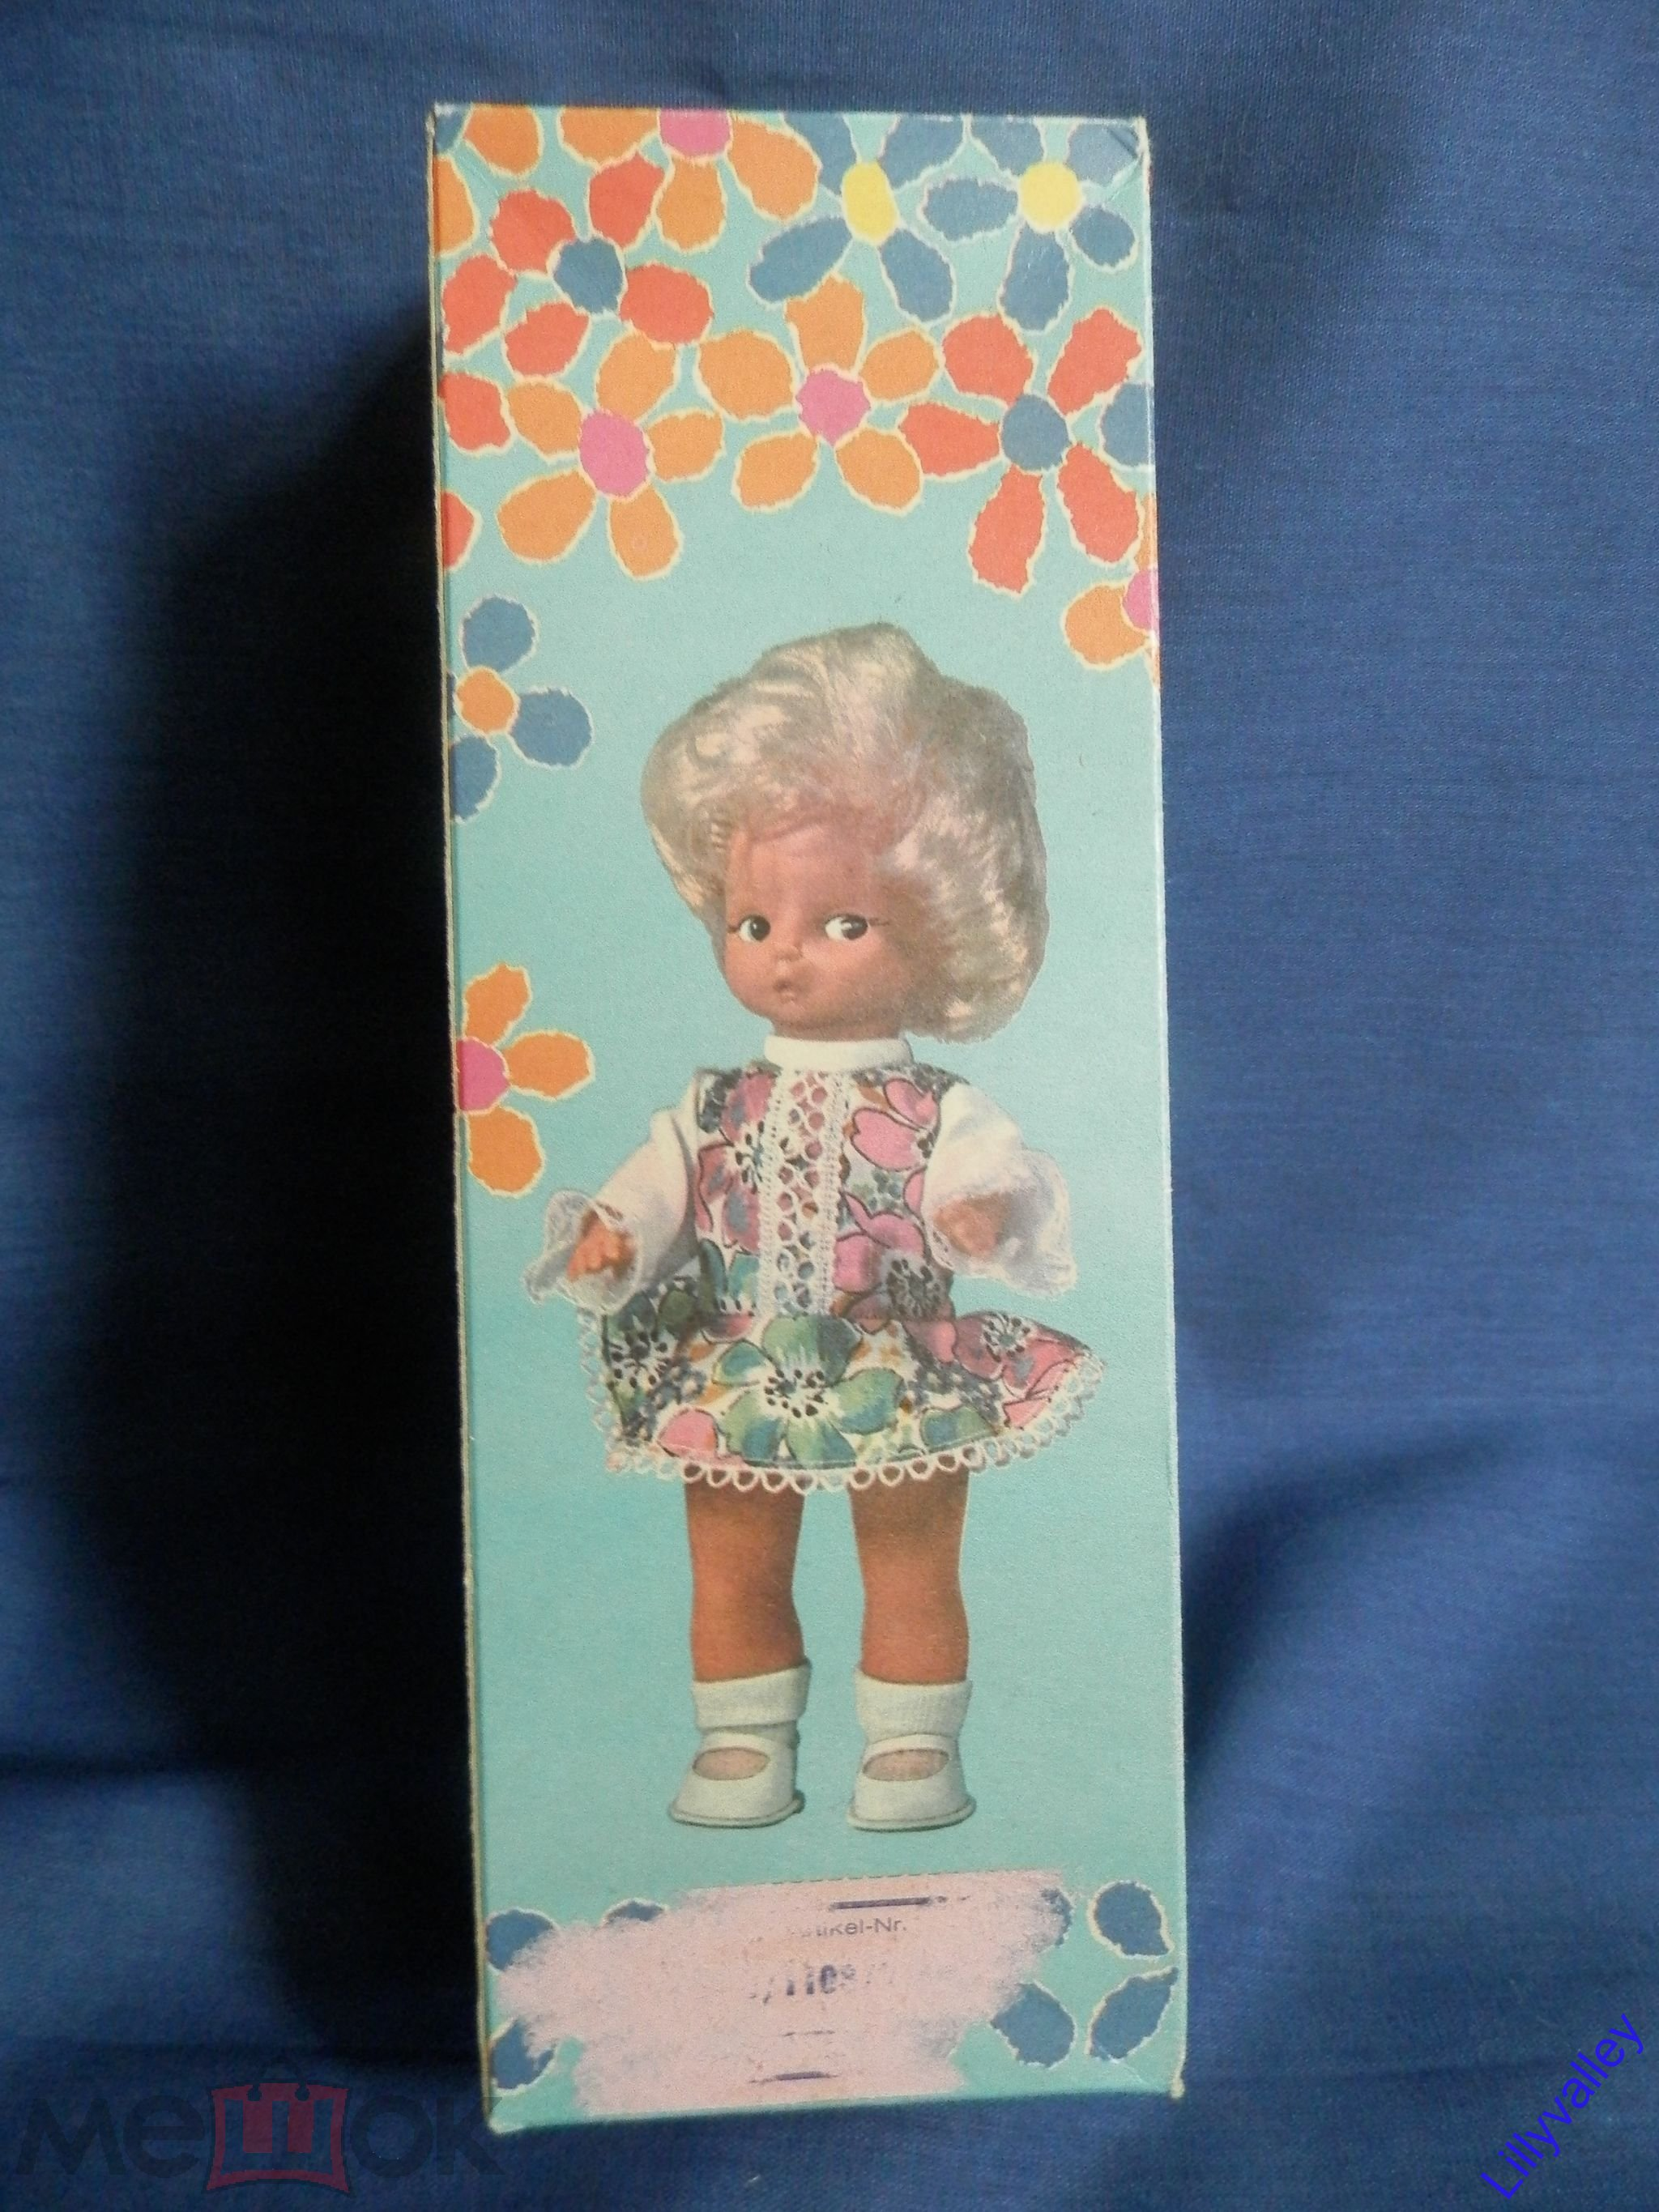 Кукла немецкая пупсик  ГДР  ,  новая 19 - 20 см, оригинальная одежда, туфли.Упаковка коробка